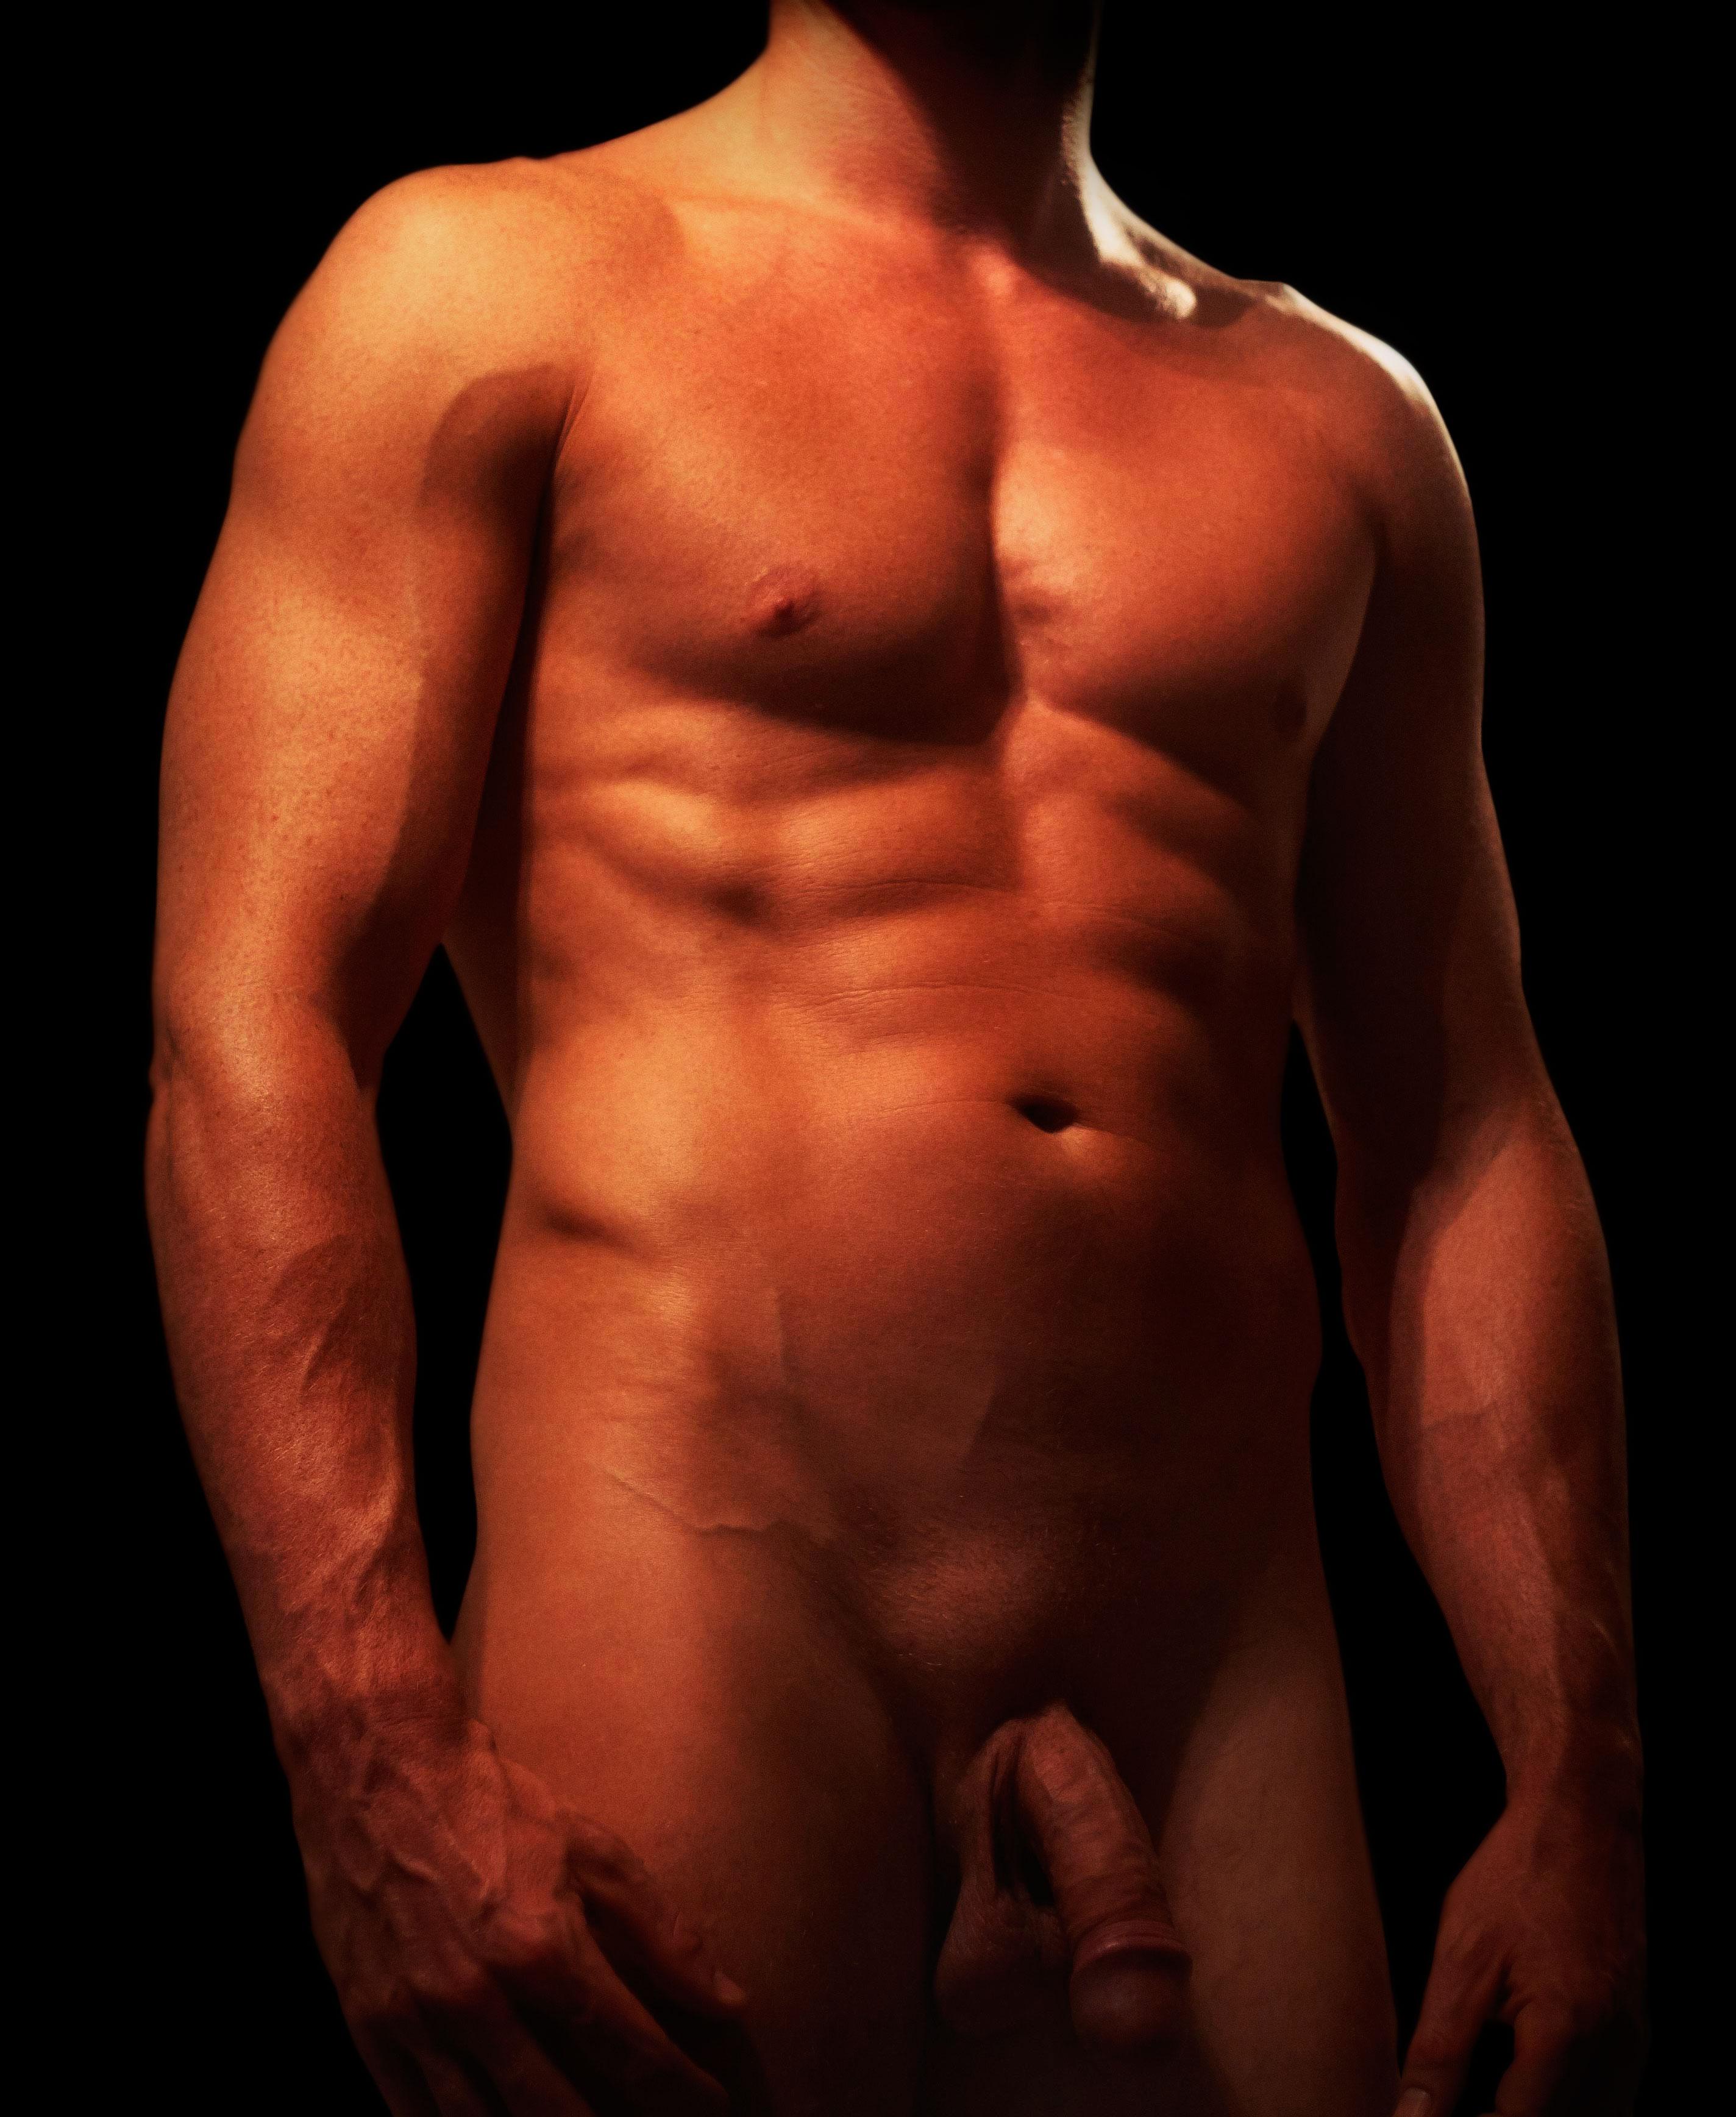 Negros Posando Desnudos Porno Gey desnudo masculino en la fotografía - wikipedia, la